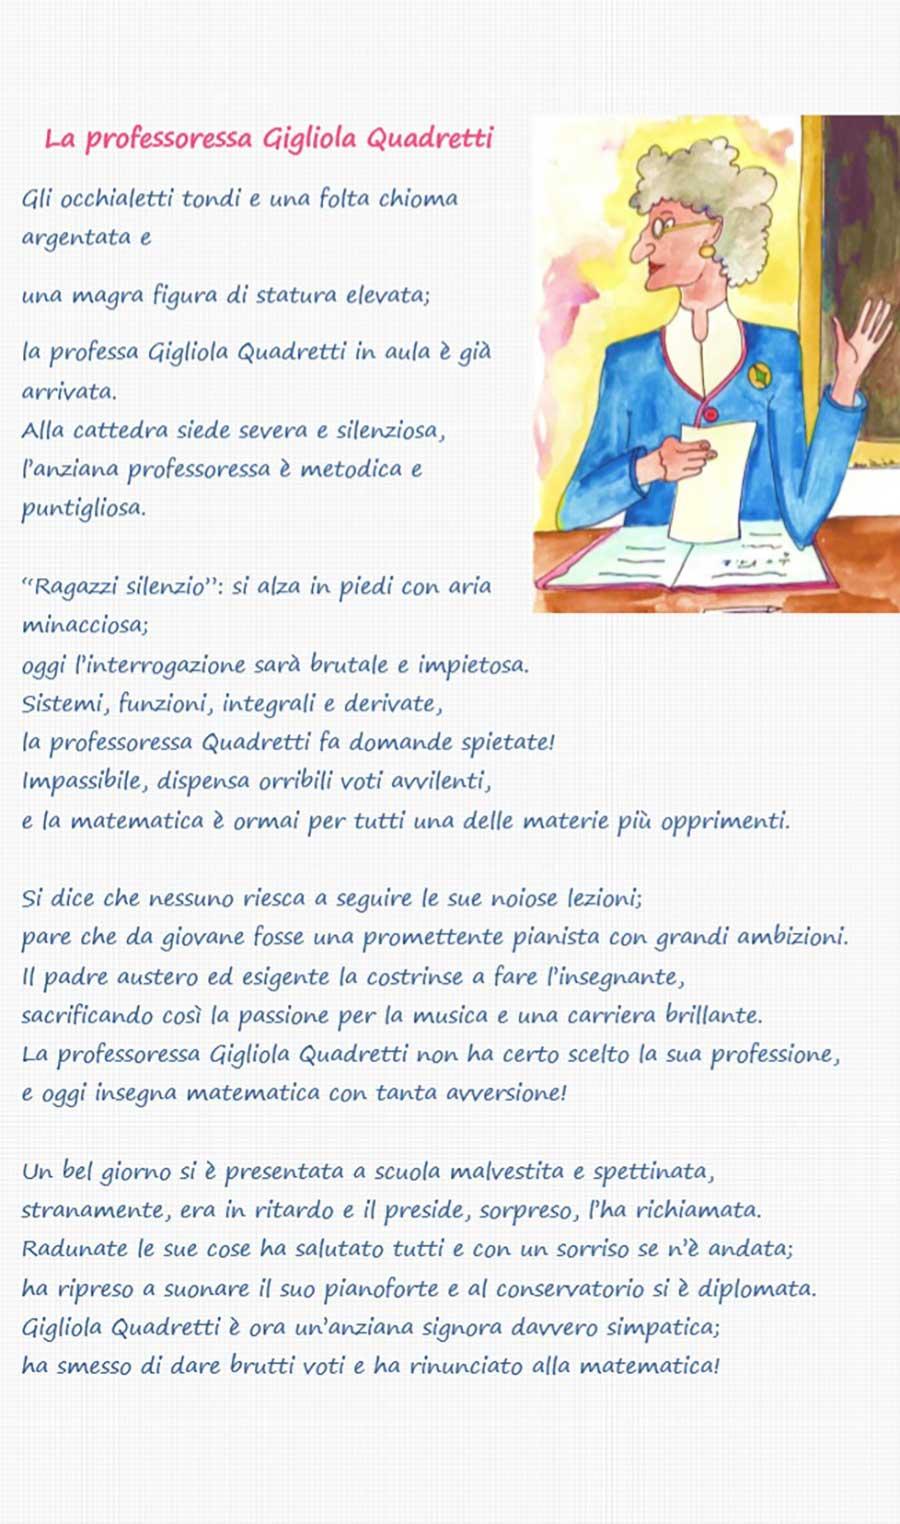 Gigliola-quadretti-filastrocche-lucia-chiaruttini